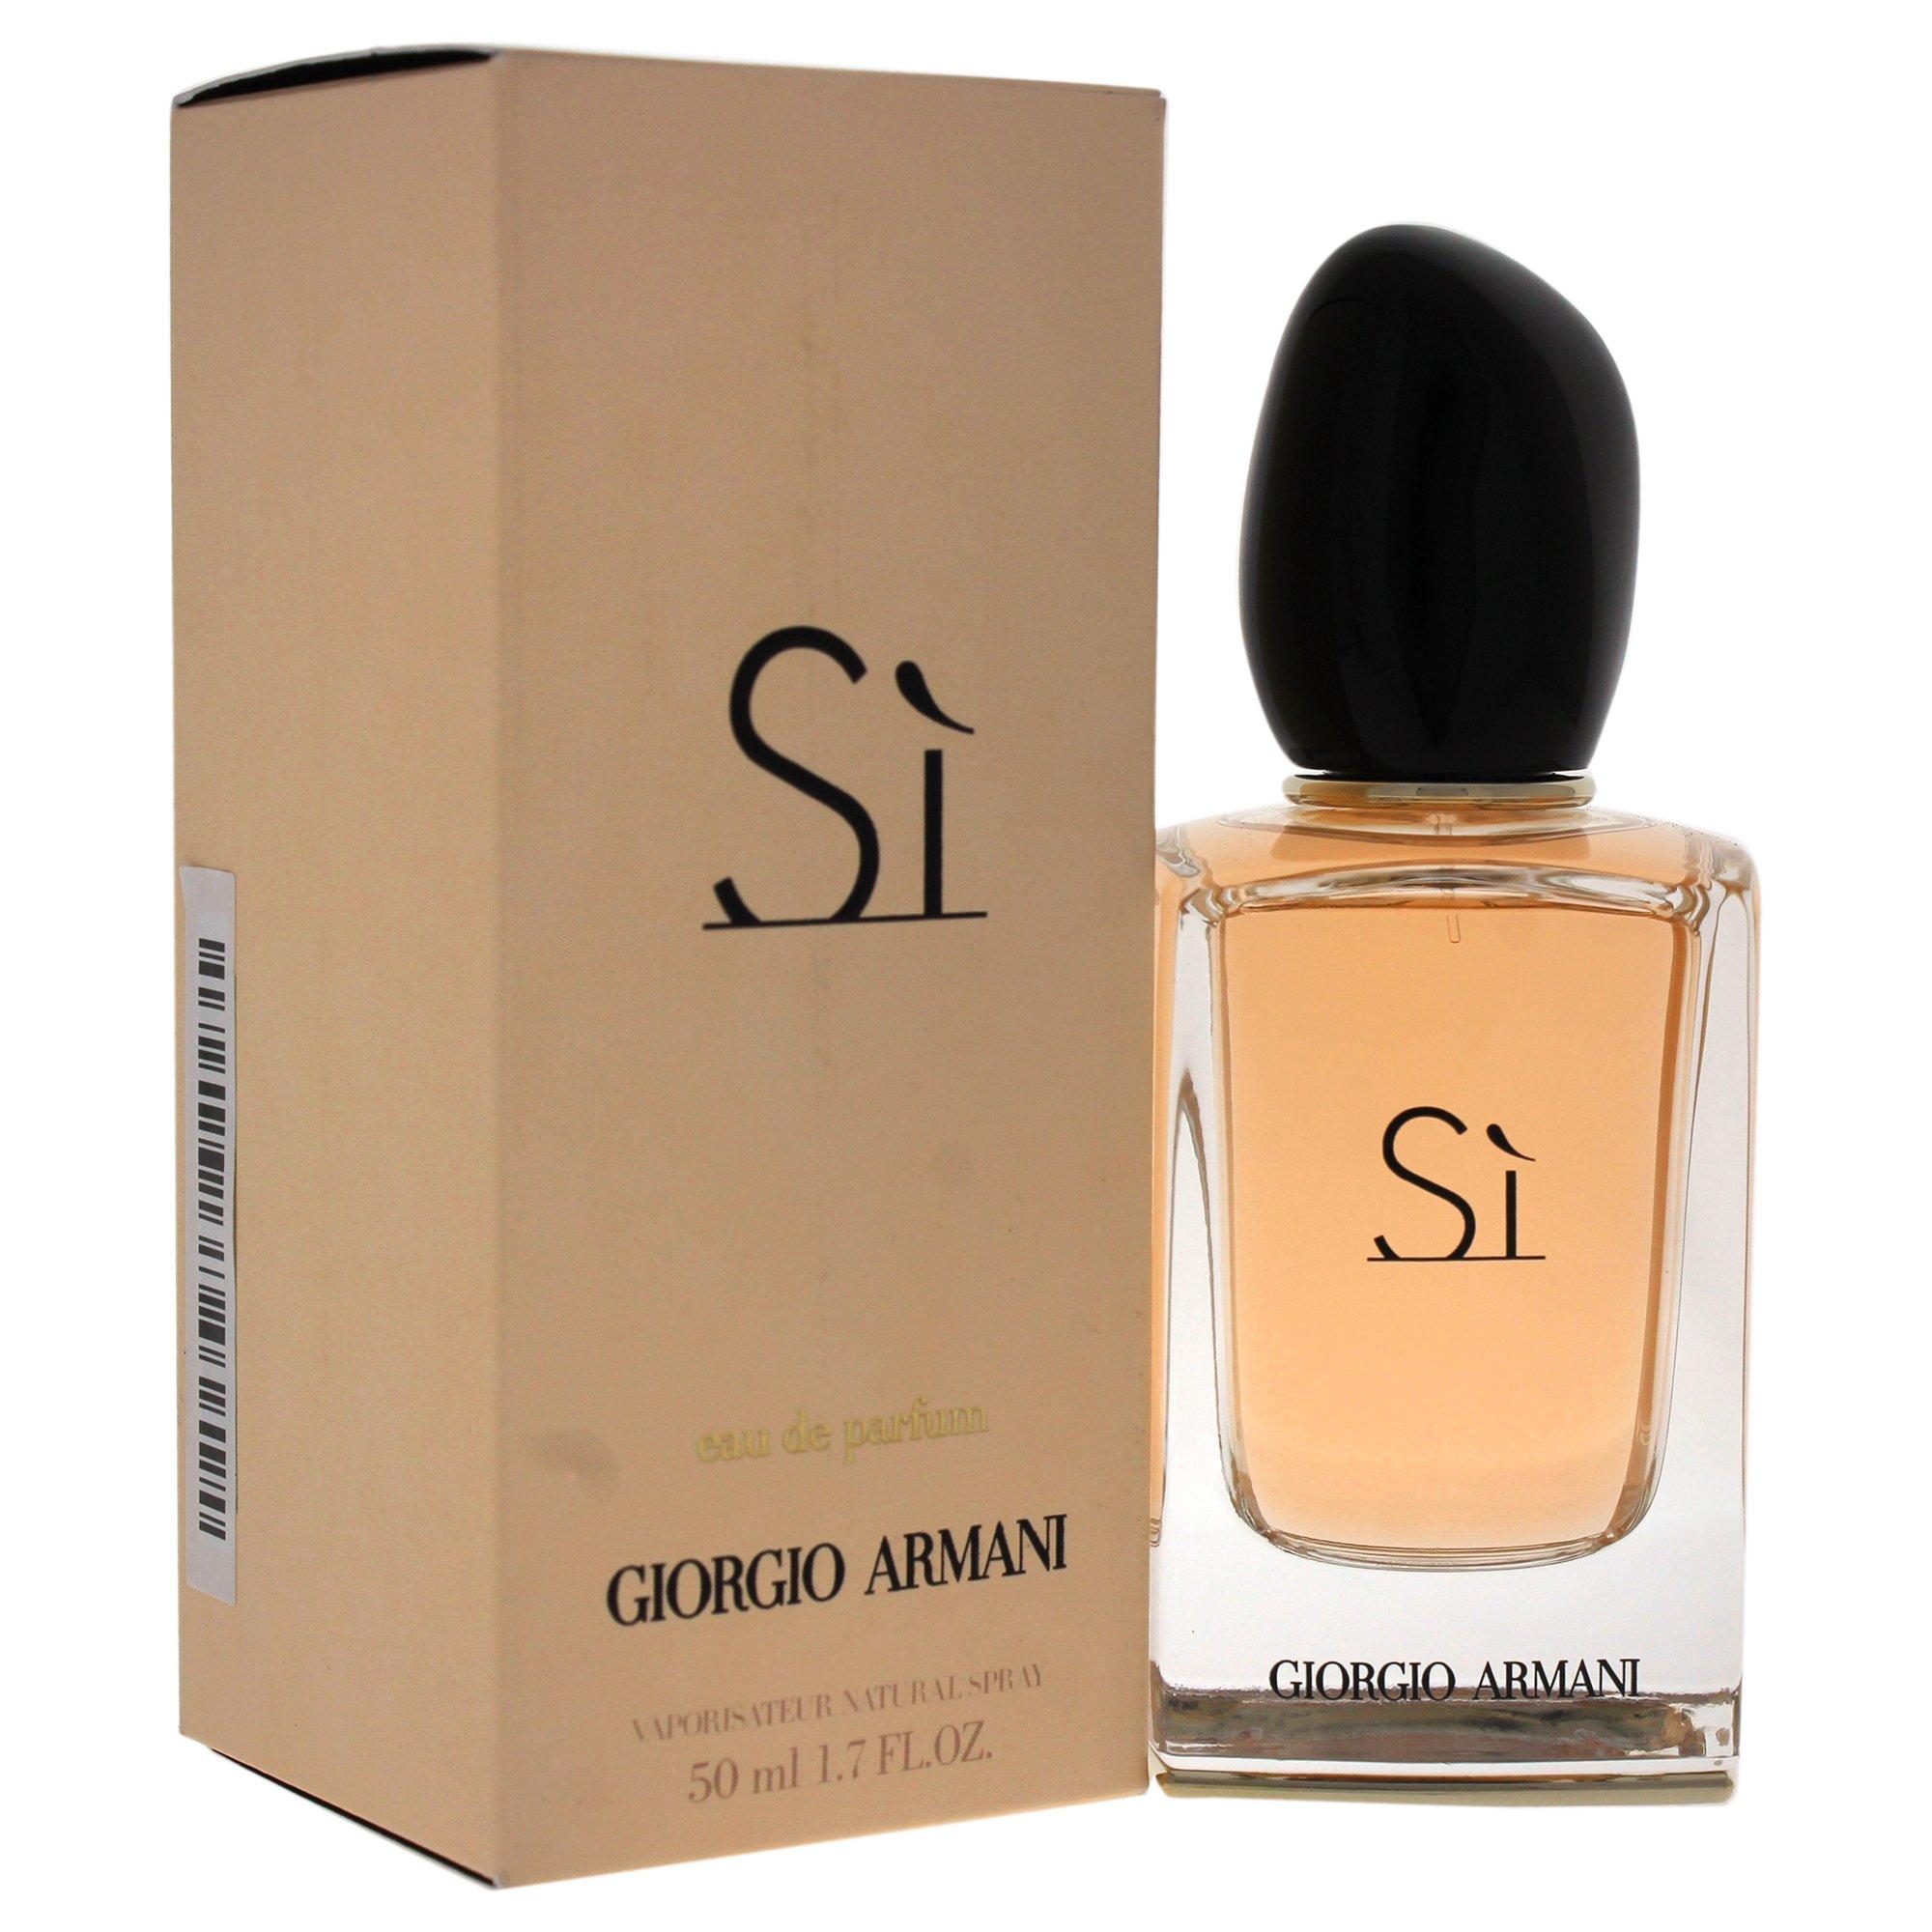 Amazoncom Giorgio Armani Si Eau De Parfum Spray For Women 34